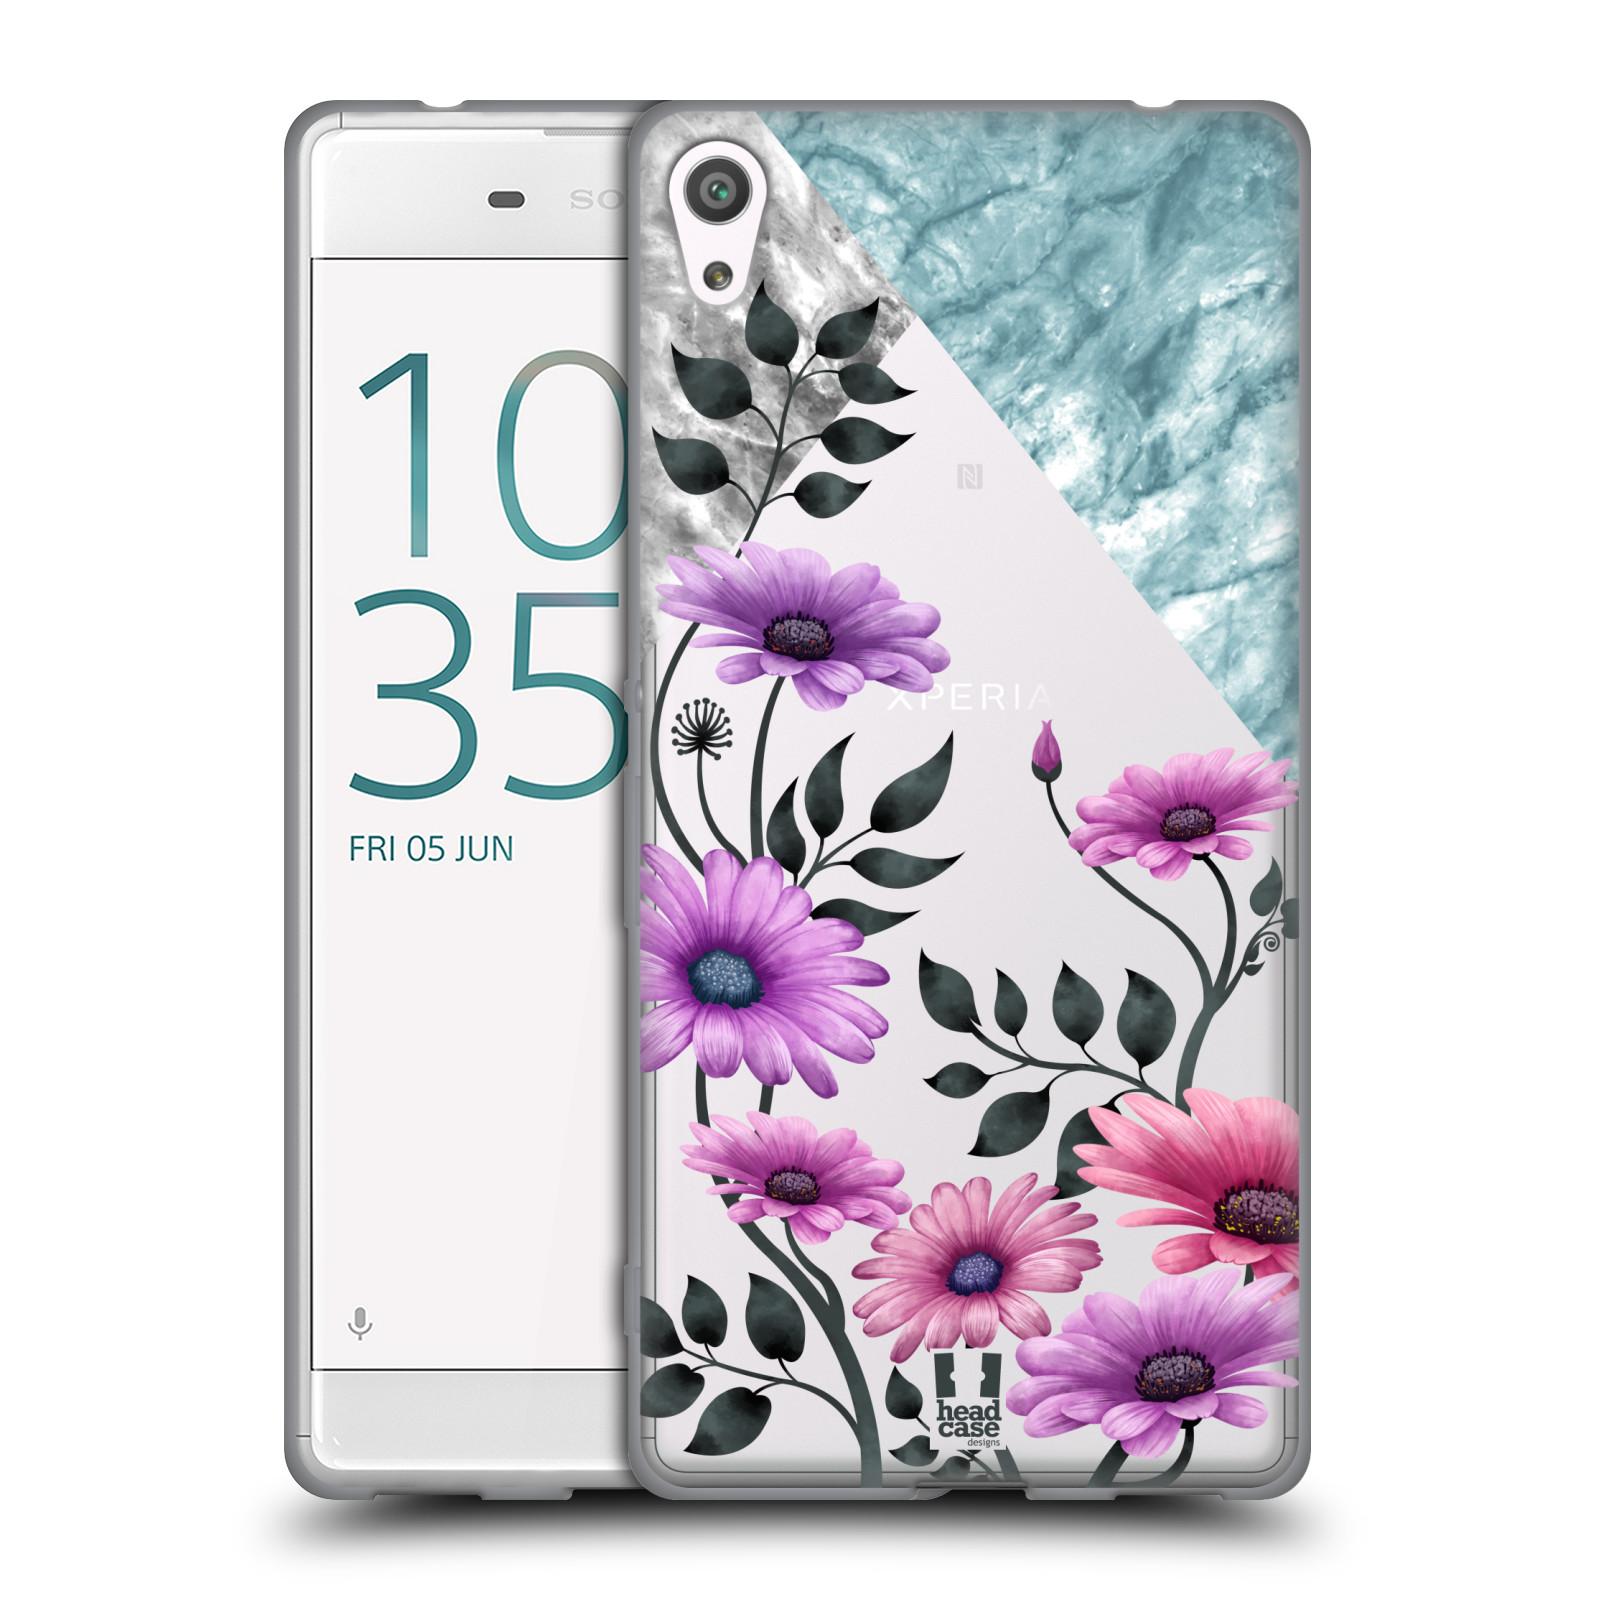 HEAD CASE silikonový obal na mobil Sony Xperia XA ULTRA květiny hvězdnice, Aster fialová a modrá